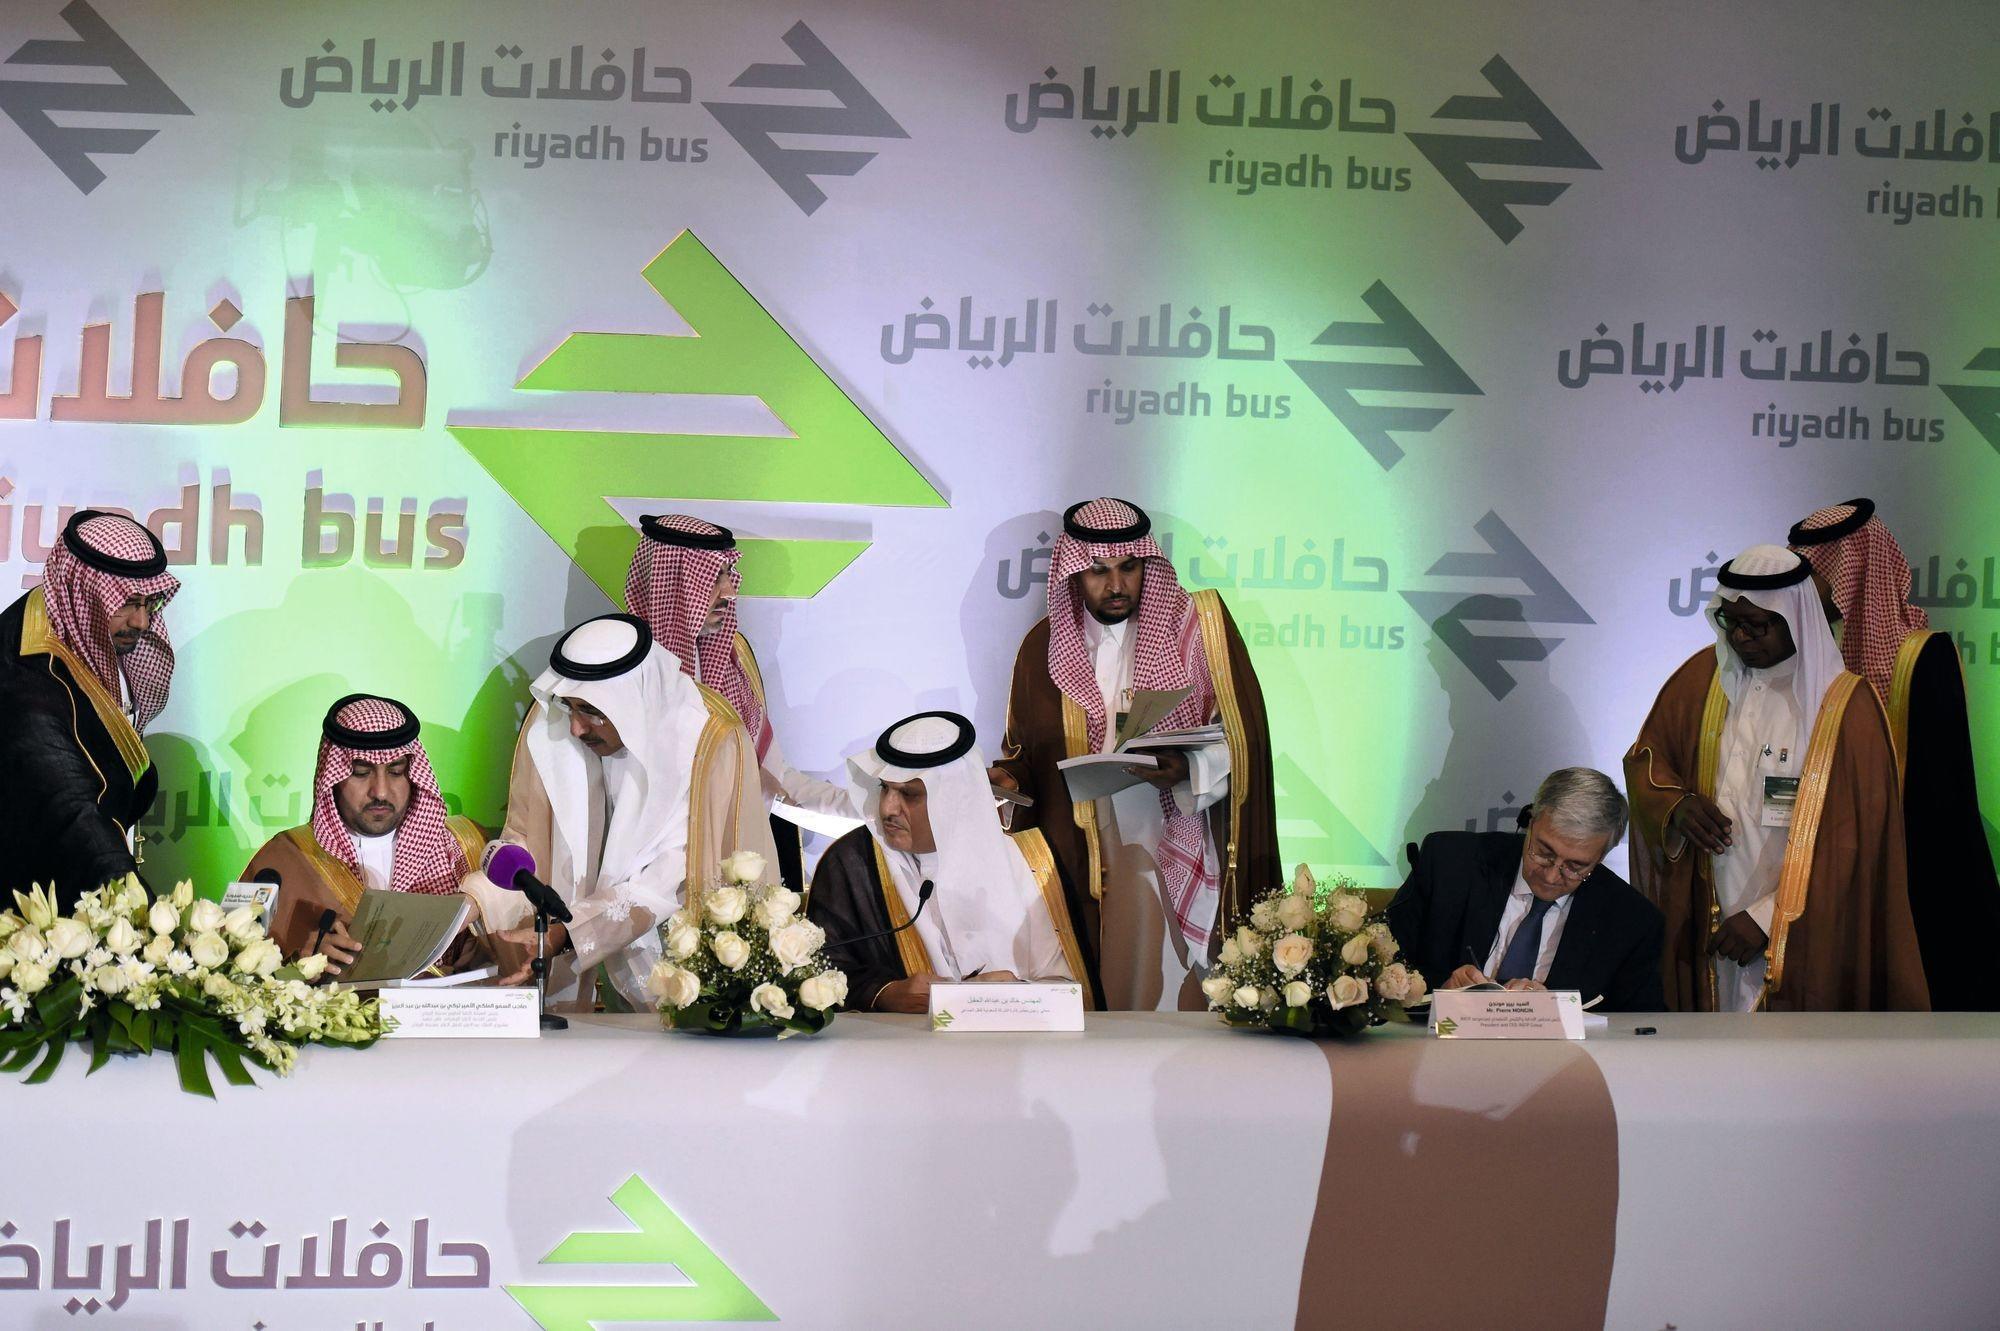 La société française RATP, représentée par son chef exécutif Pierre Mongin, signant à Riyadh l'accord sur le Riyadh Bus Project, le 20 novembre 2014